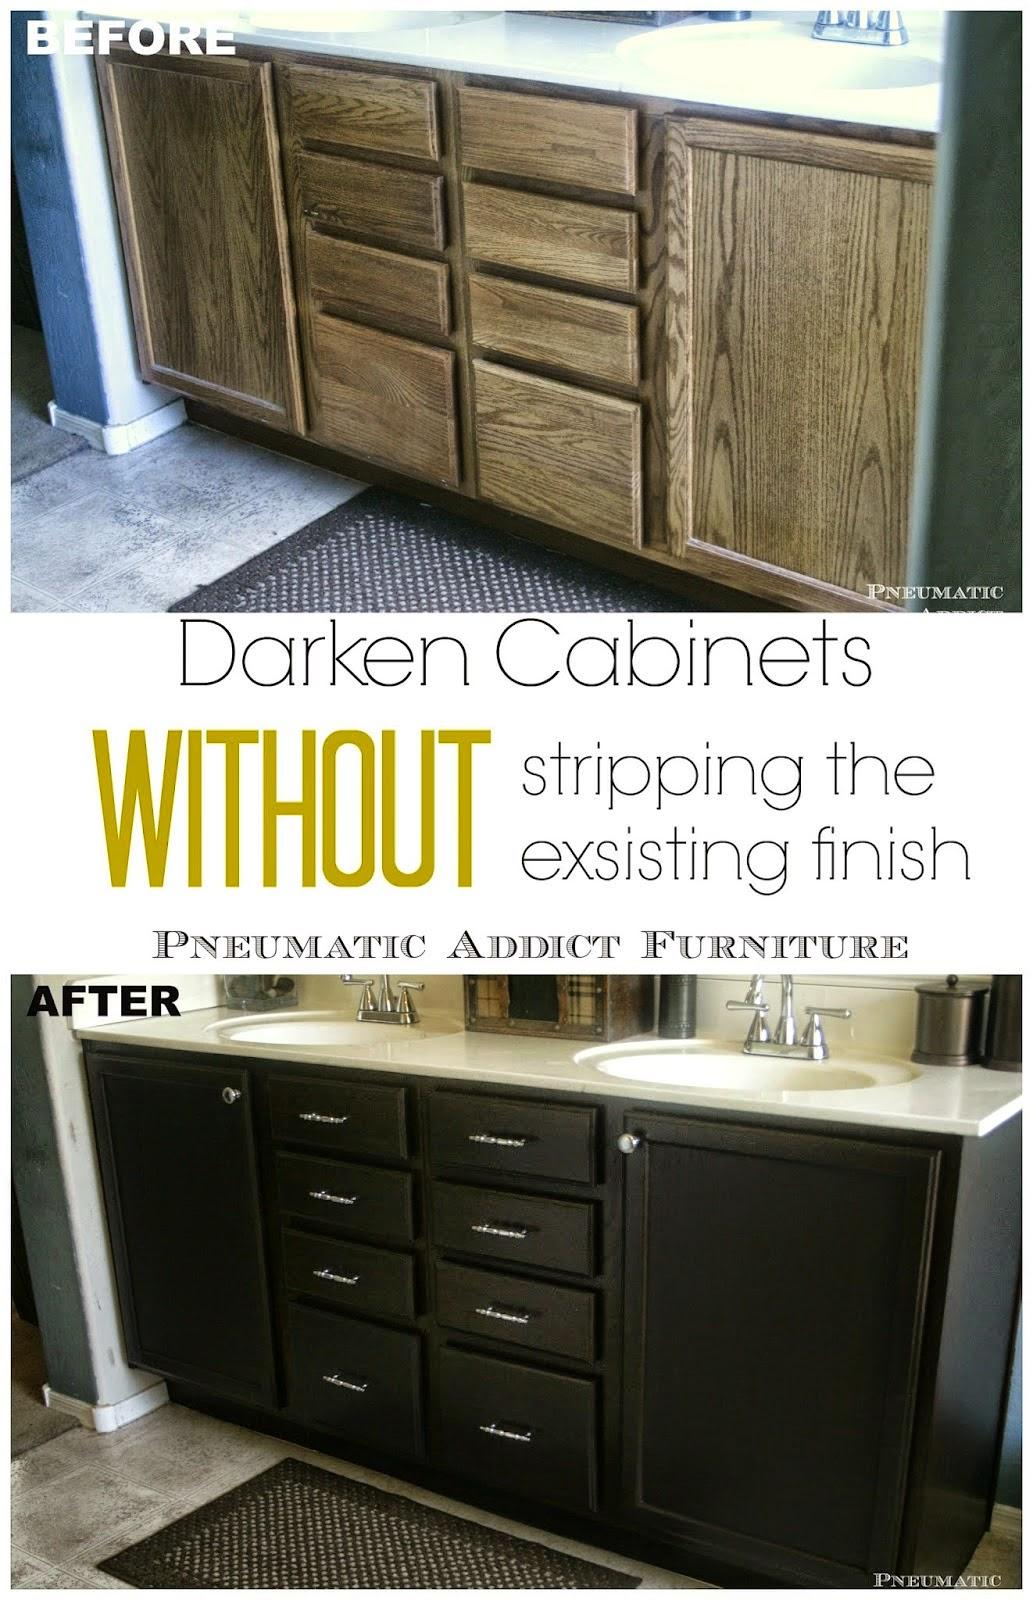 Darken cabinets without stripping